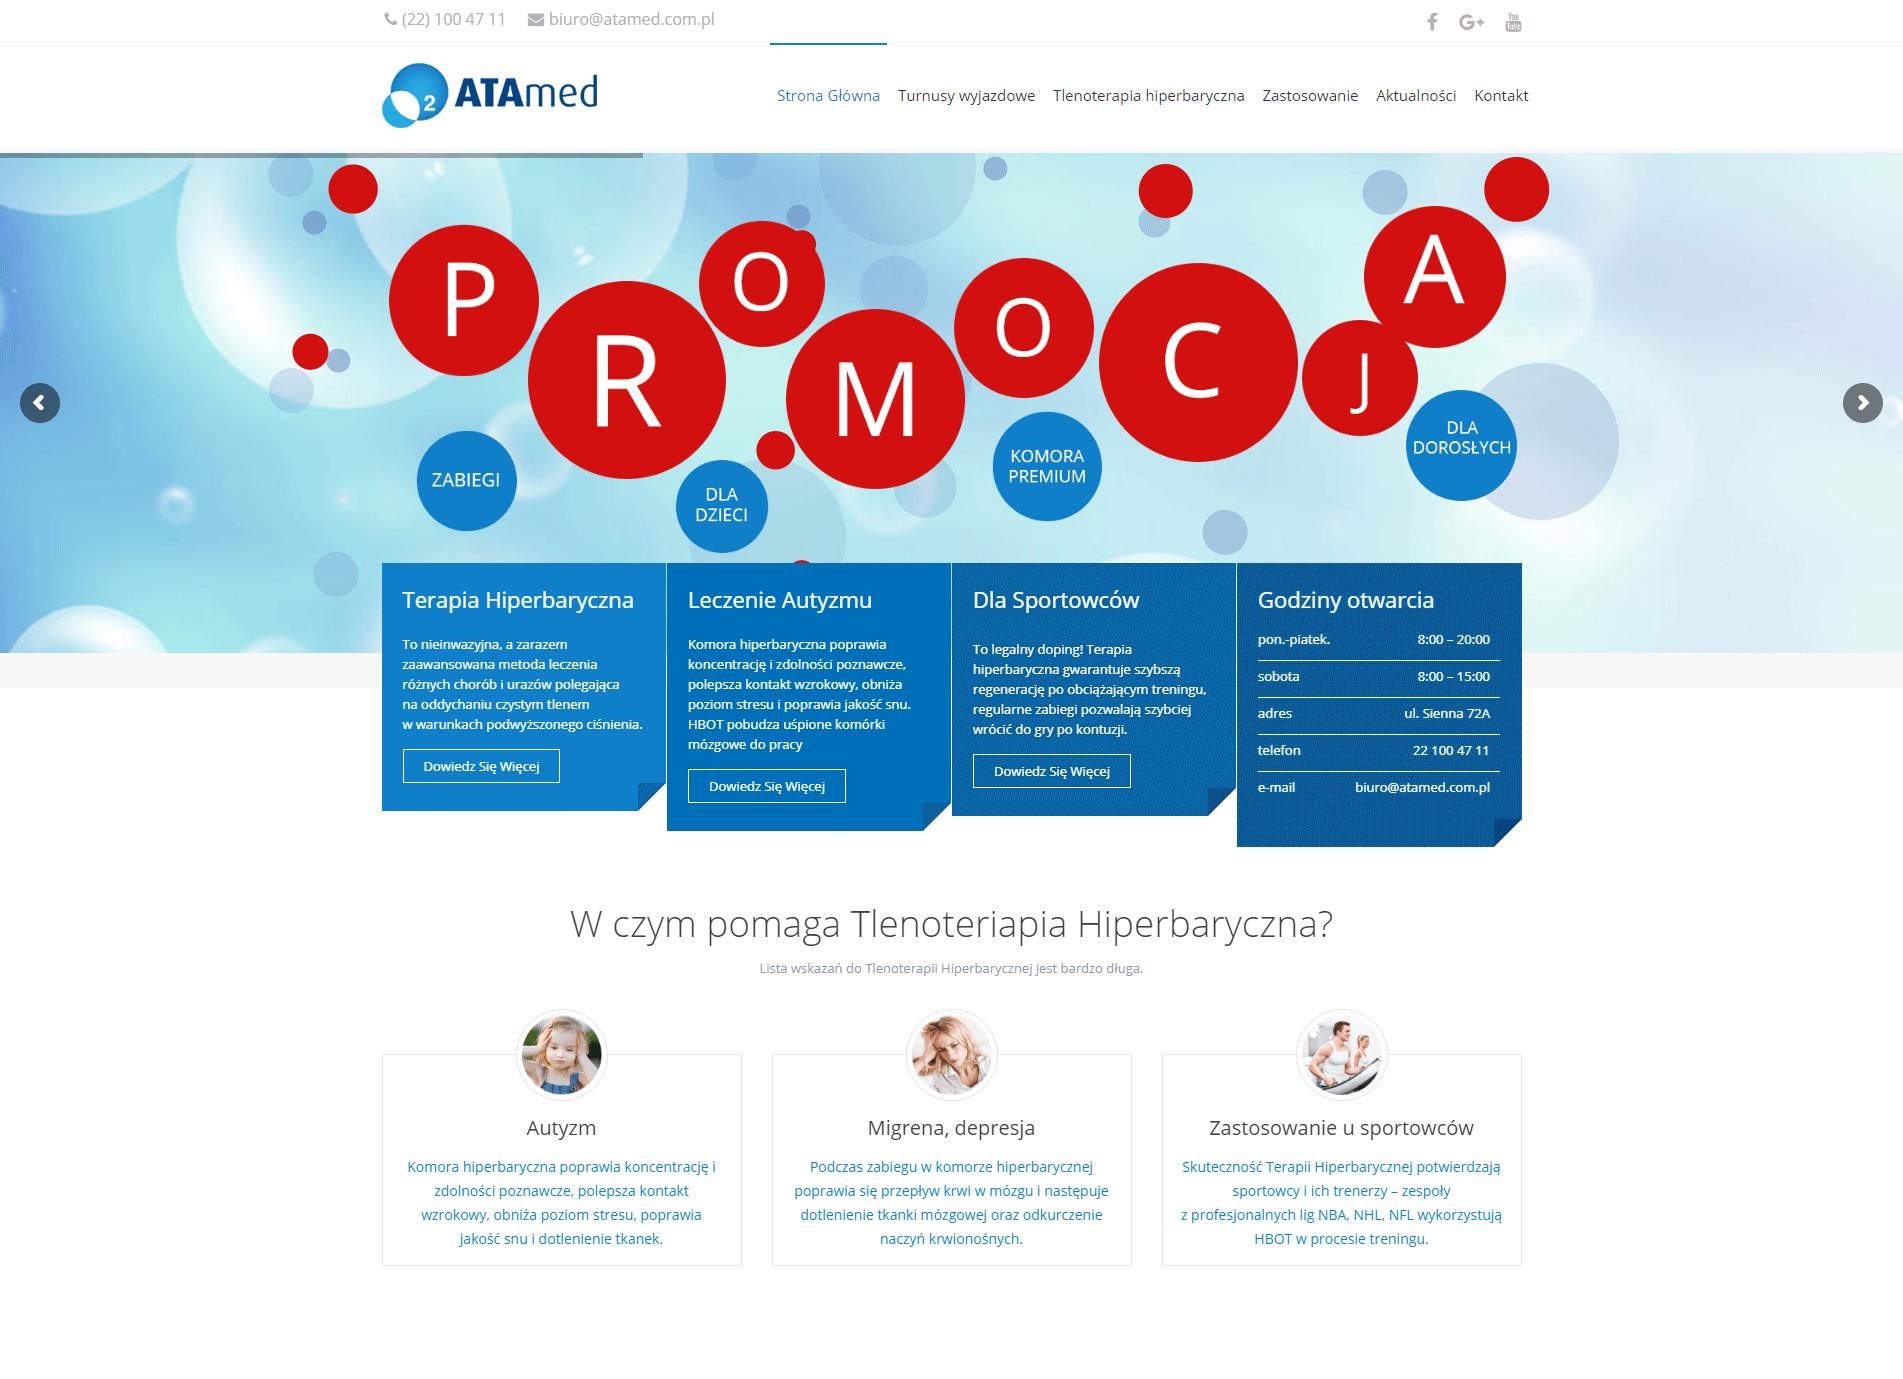 atamed.com.pl